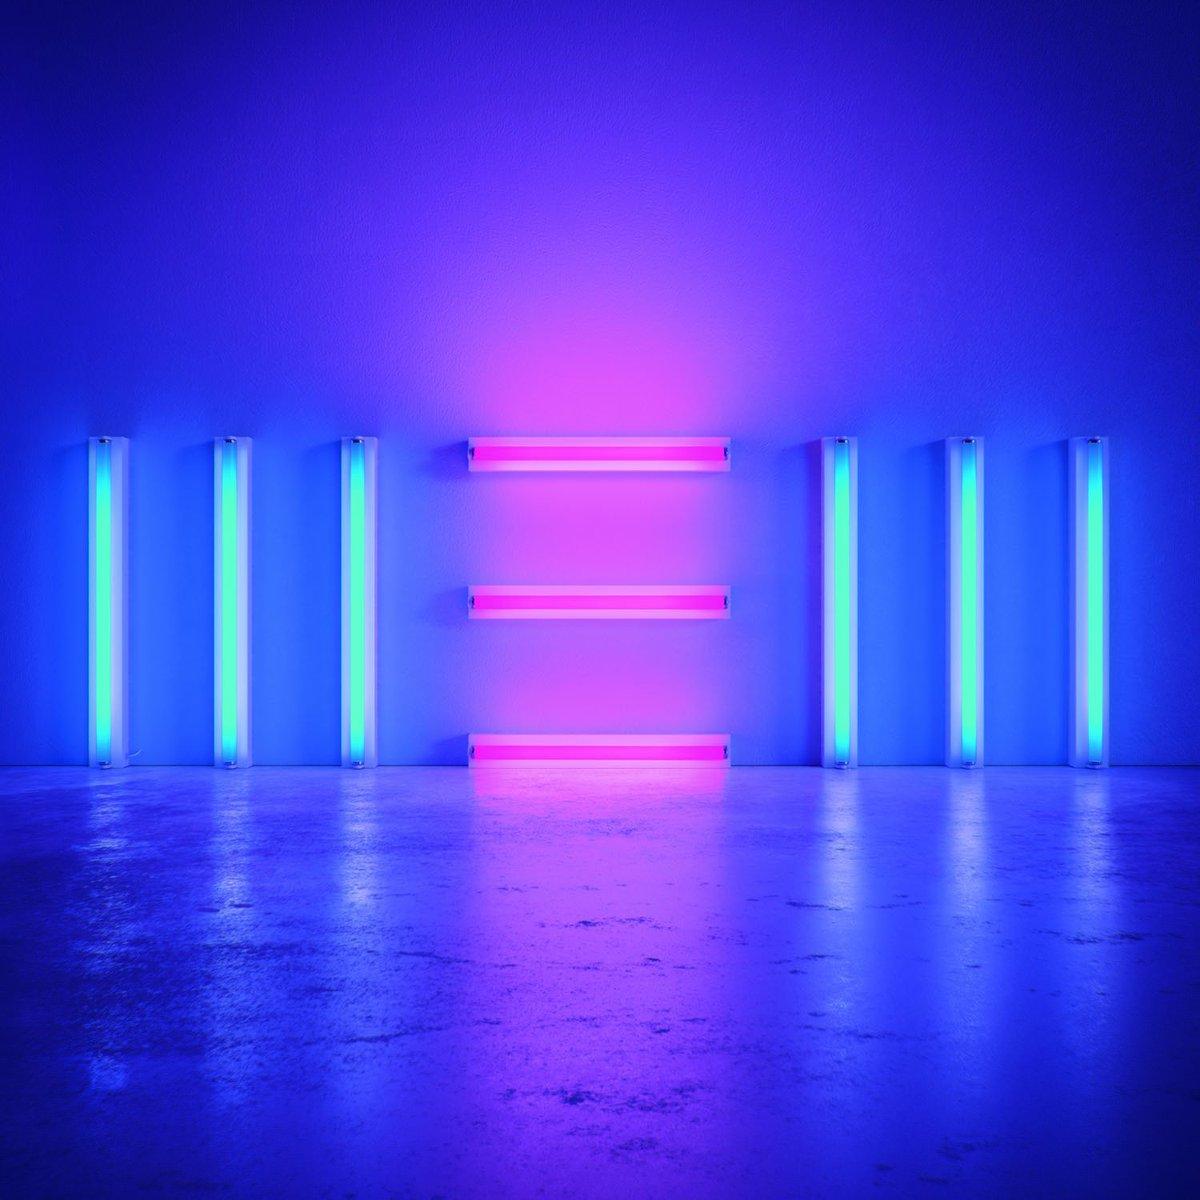 картинка для обложки к треку квадратная светодиодных